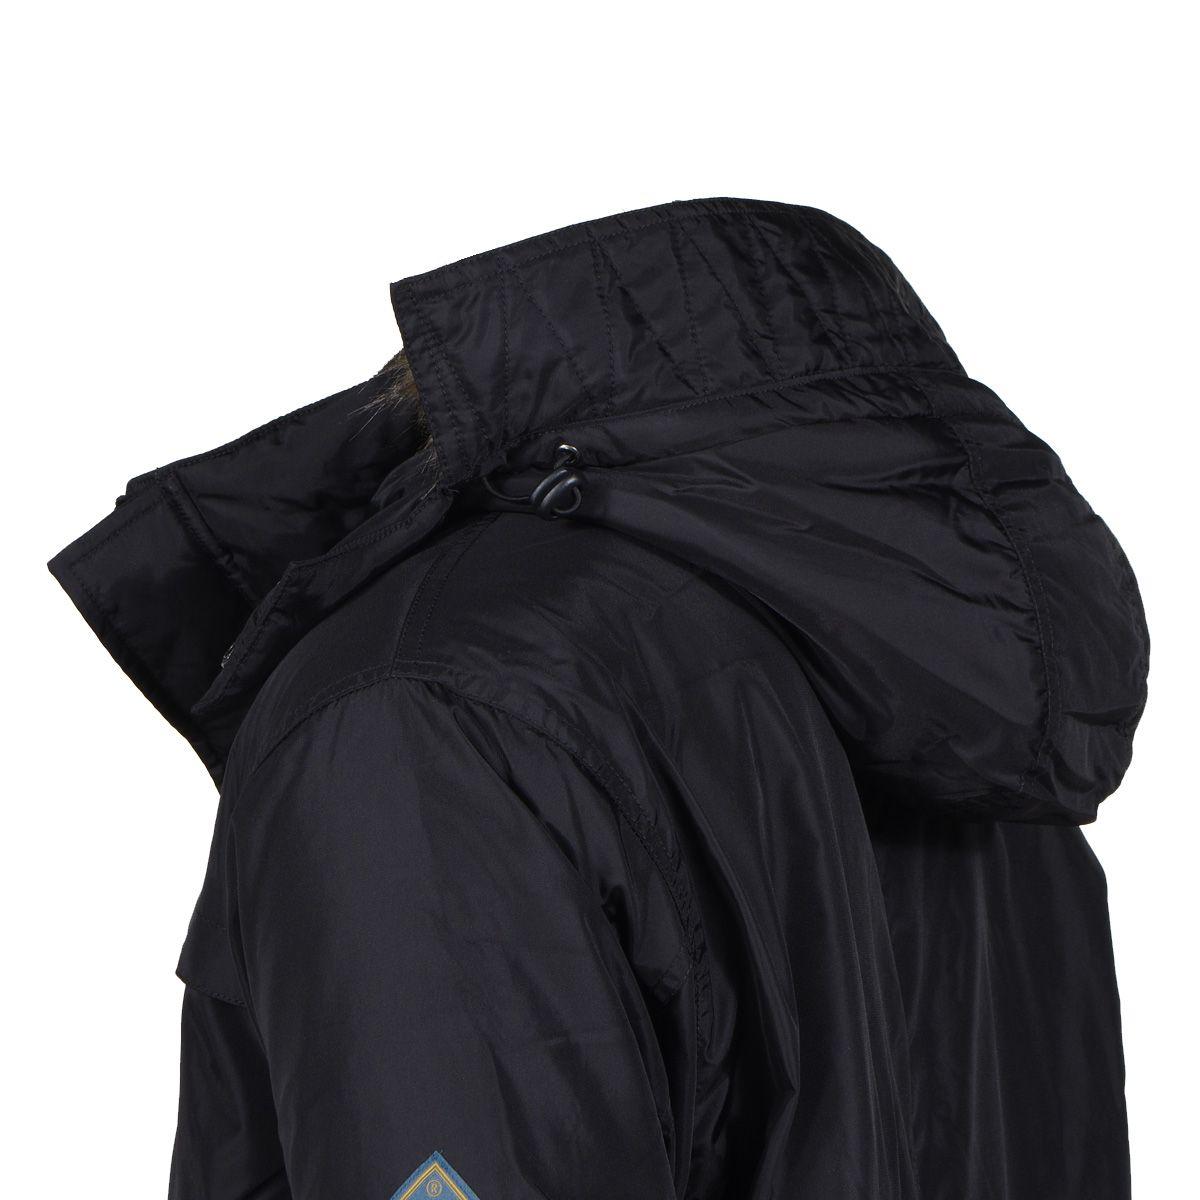 parka longue noir avec capuche amovible pour homme grand. Black Bedroom Furniture Sets. Home Design Ideas